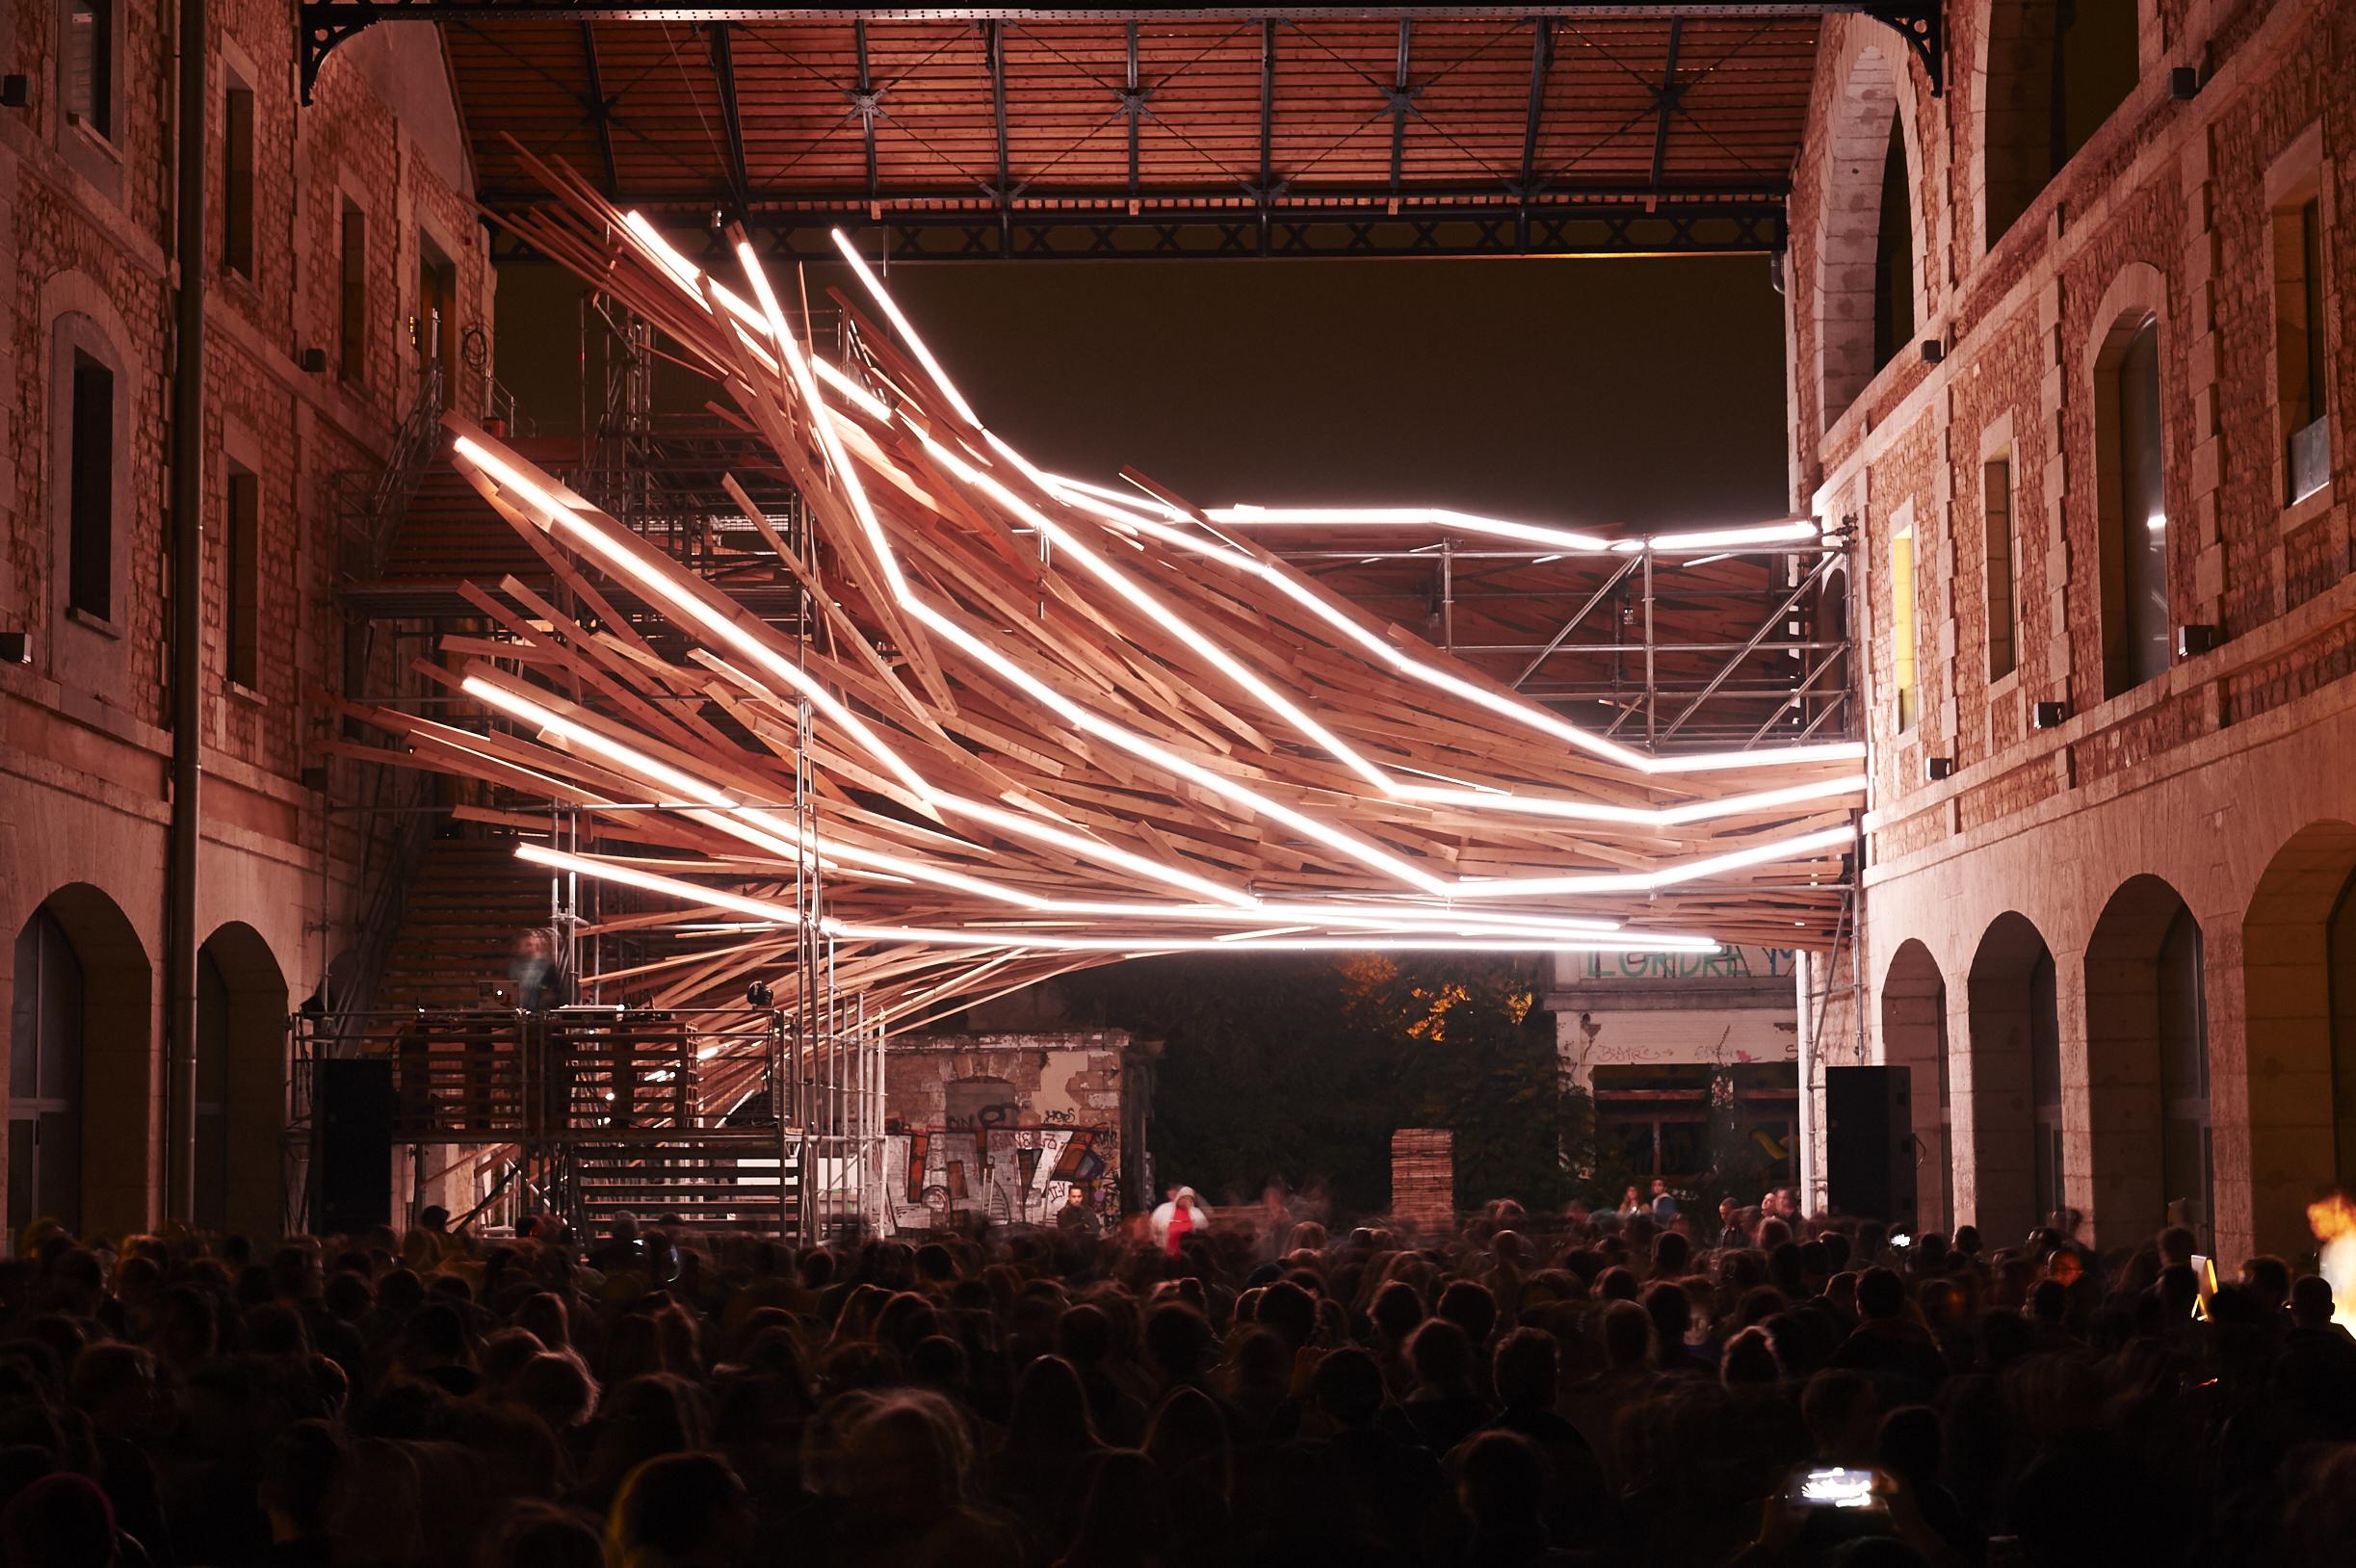 La dernière installation de 1024 Architecture illumine les nuits Bordelaises